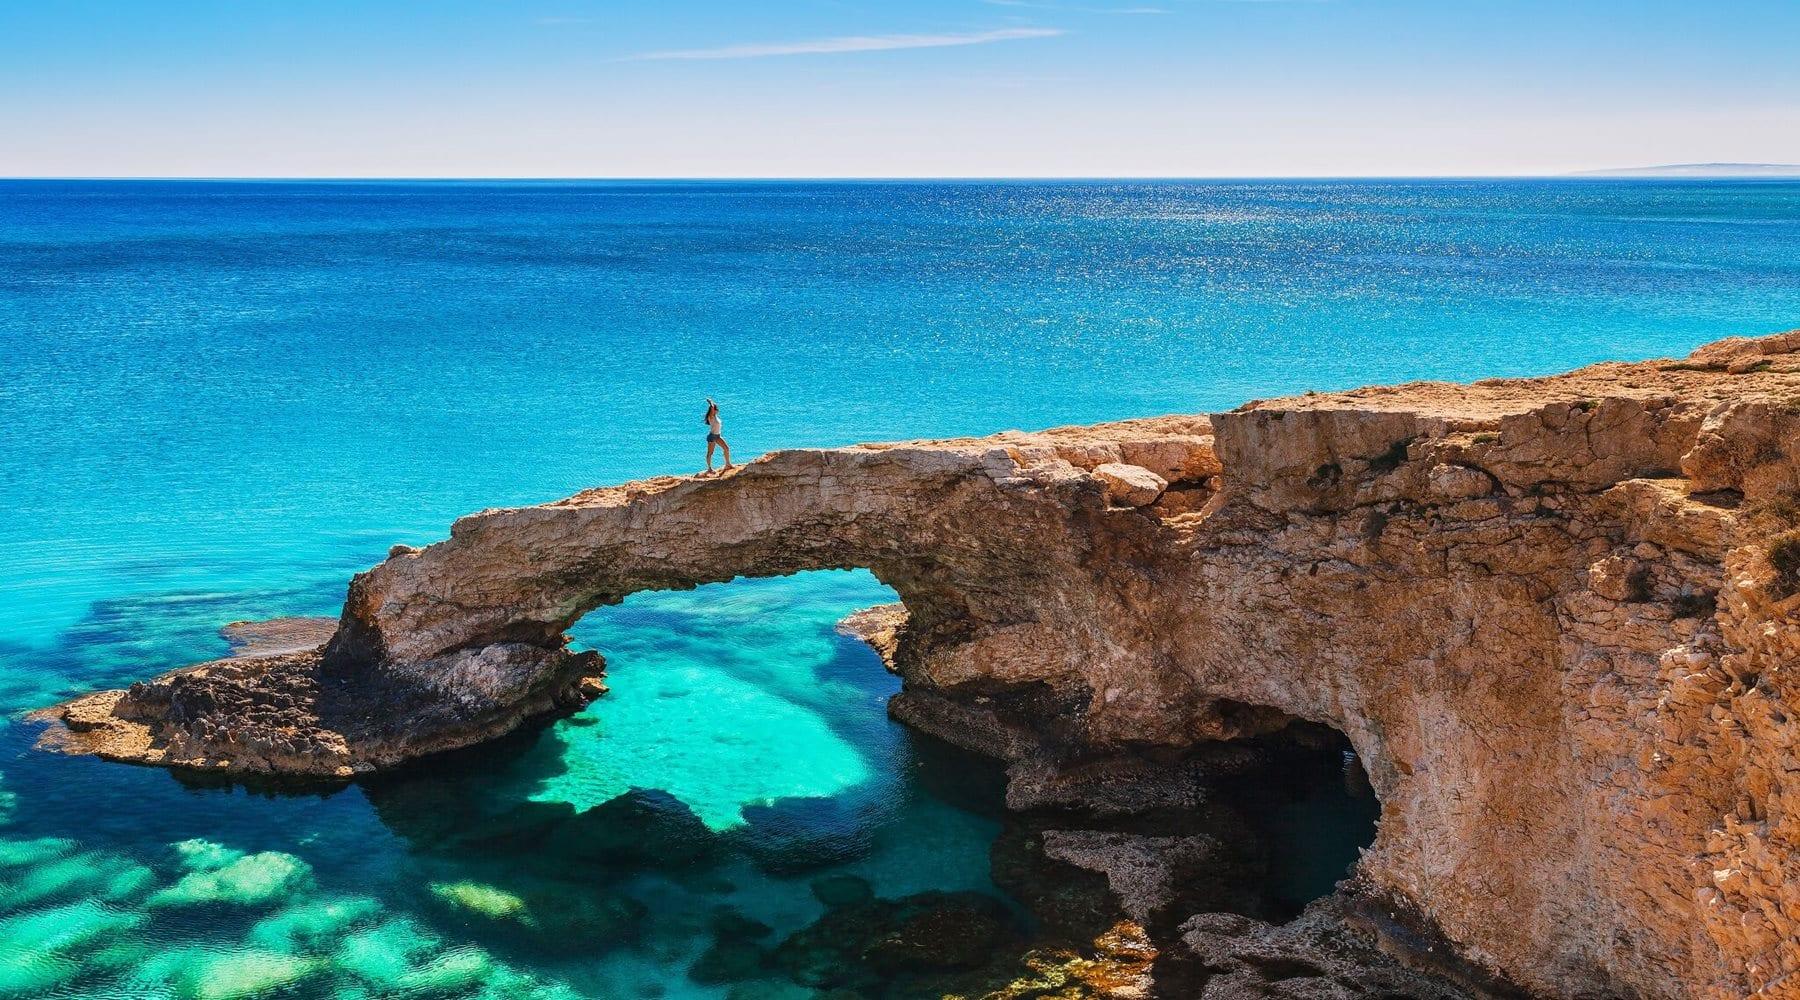 Море и мега яхты на Кипре в Лимассоле